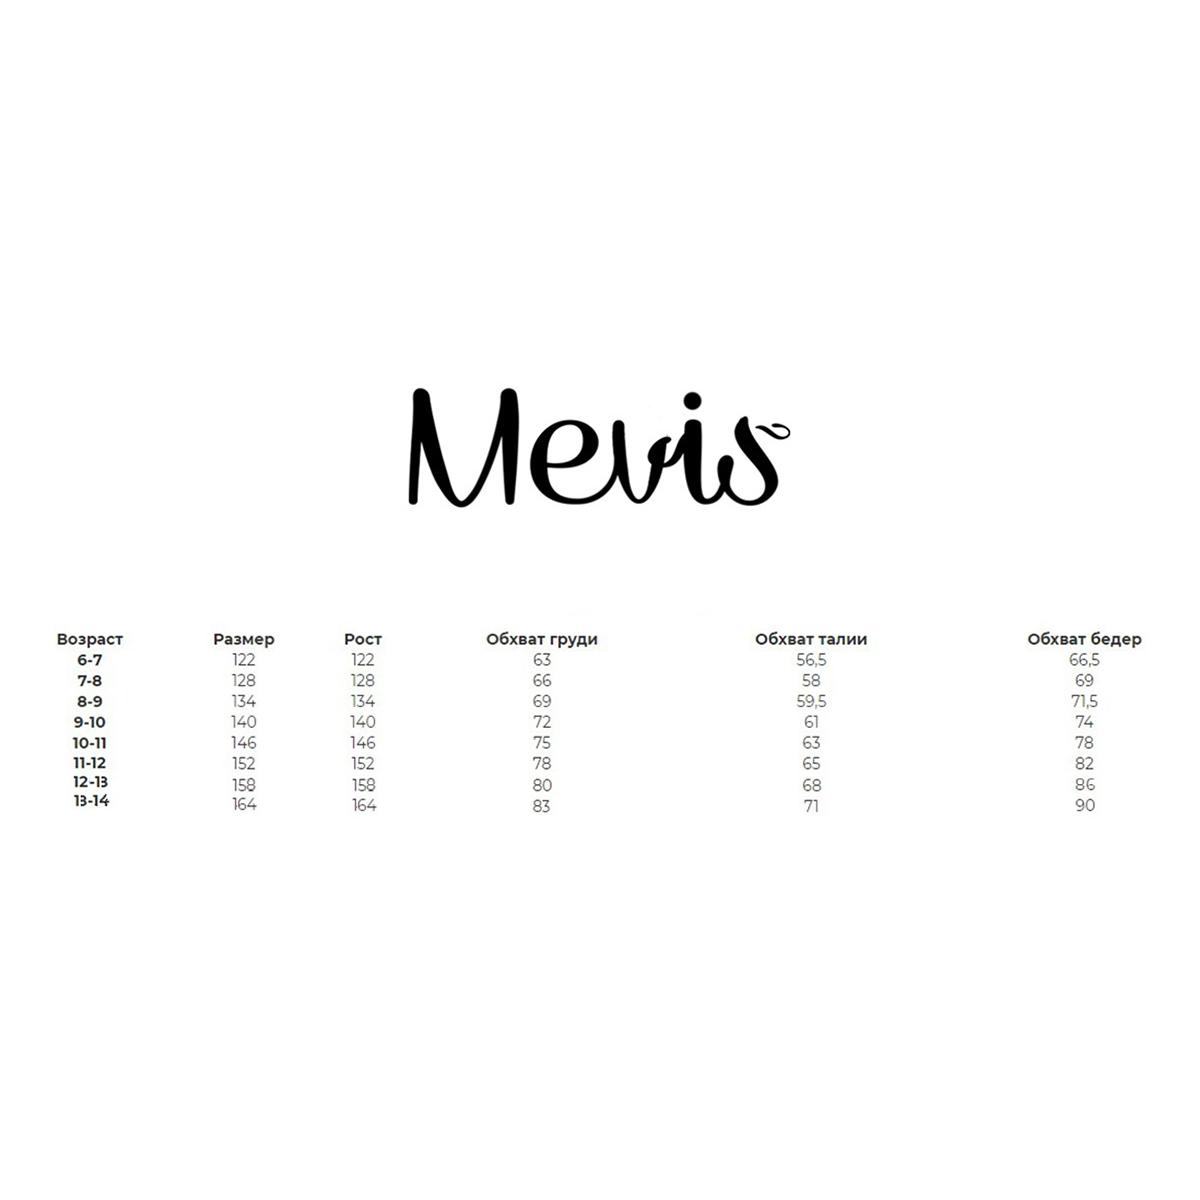 Блузки, рубашки, болеро, Блузка Mevis Elegant, р. 164 3294 ТМ: Mevis, молочный  - купить со скидкой